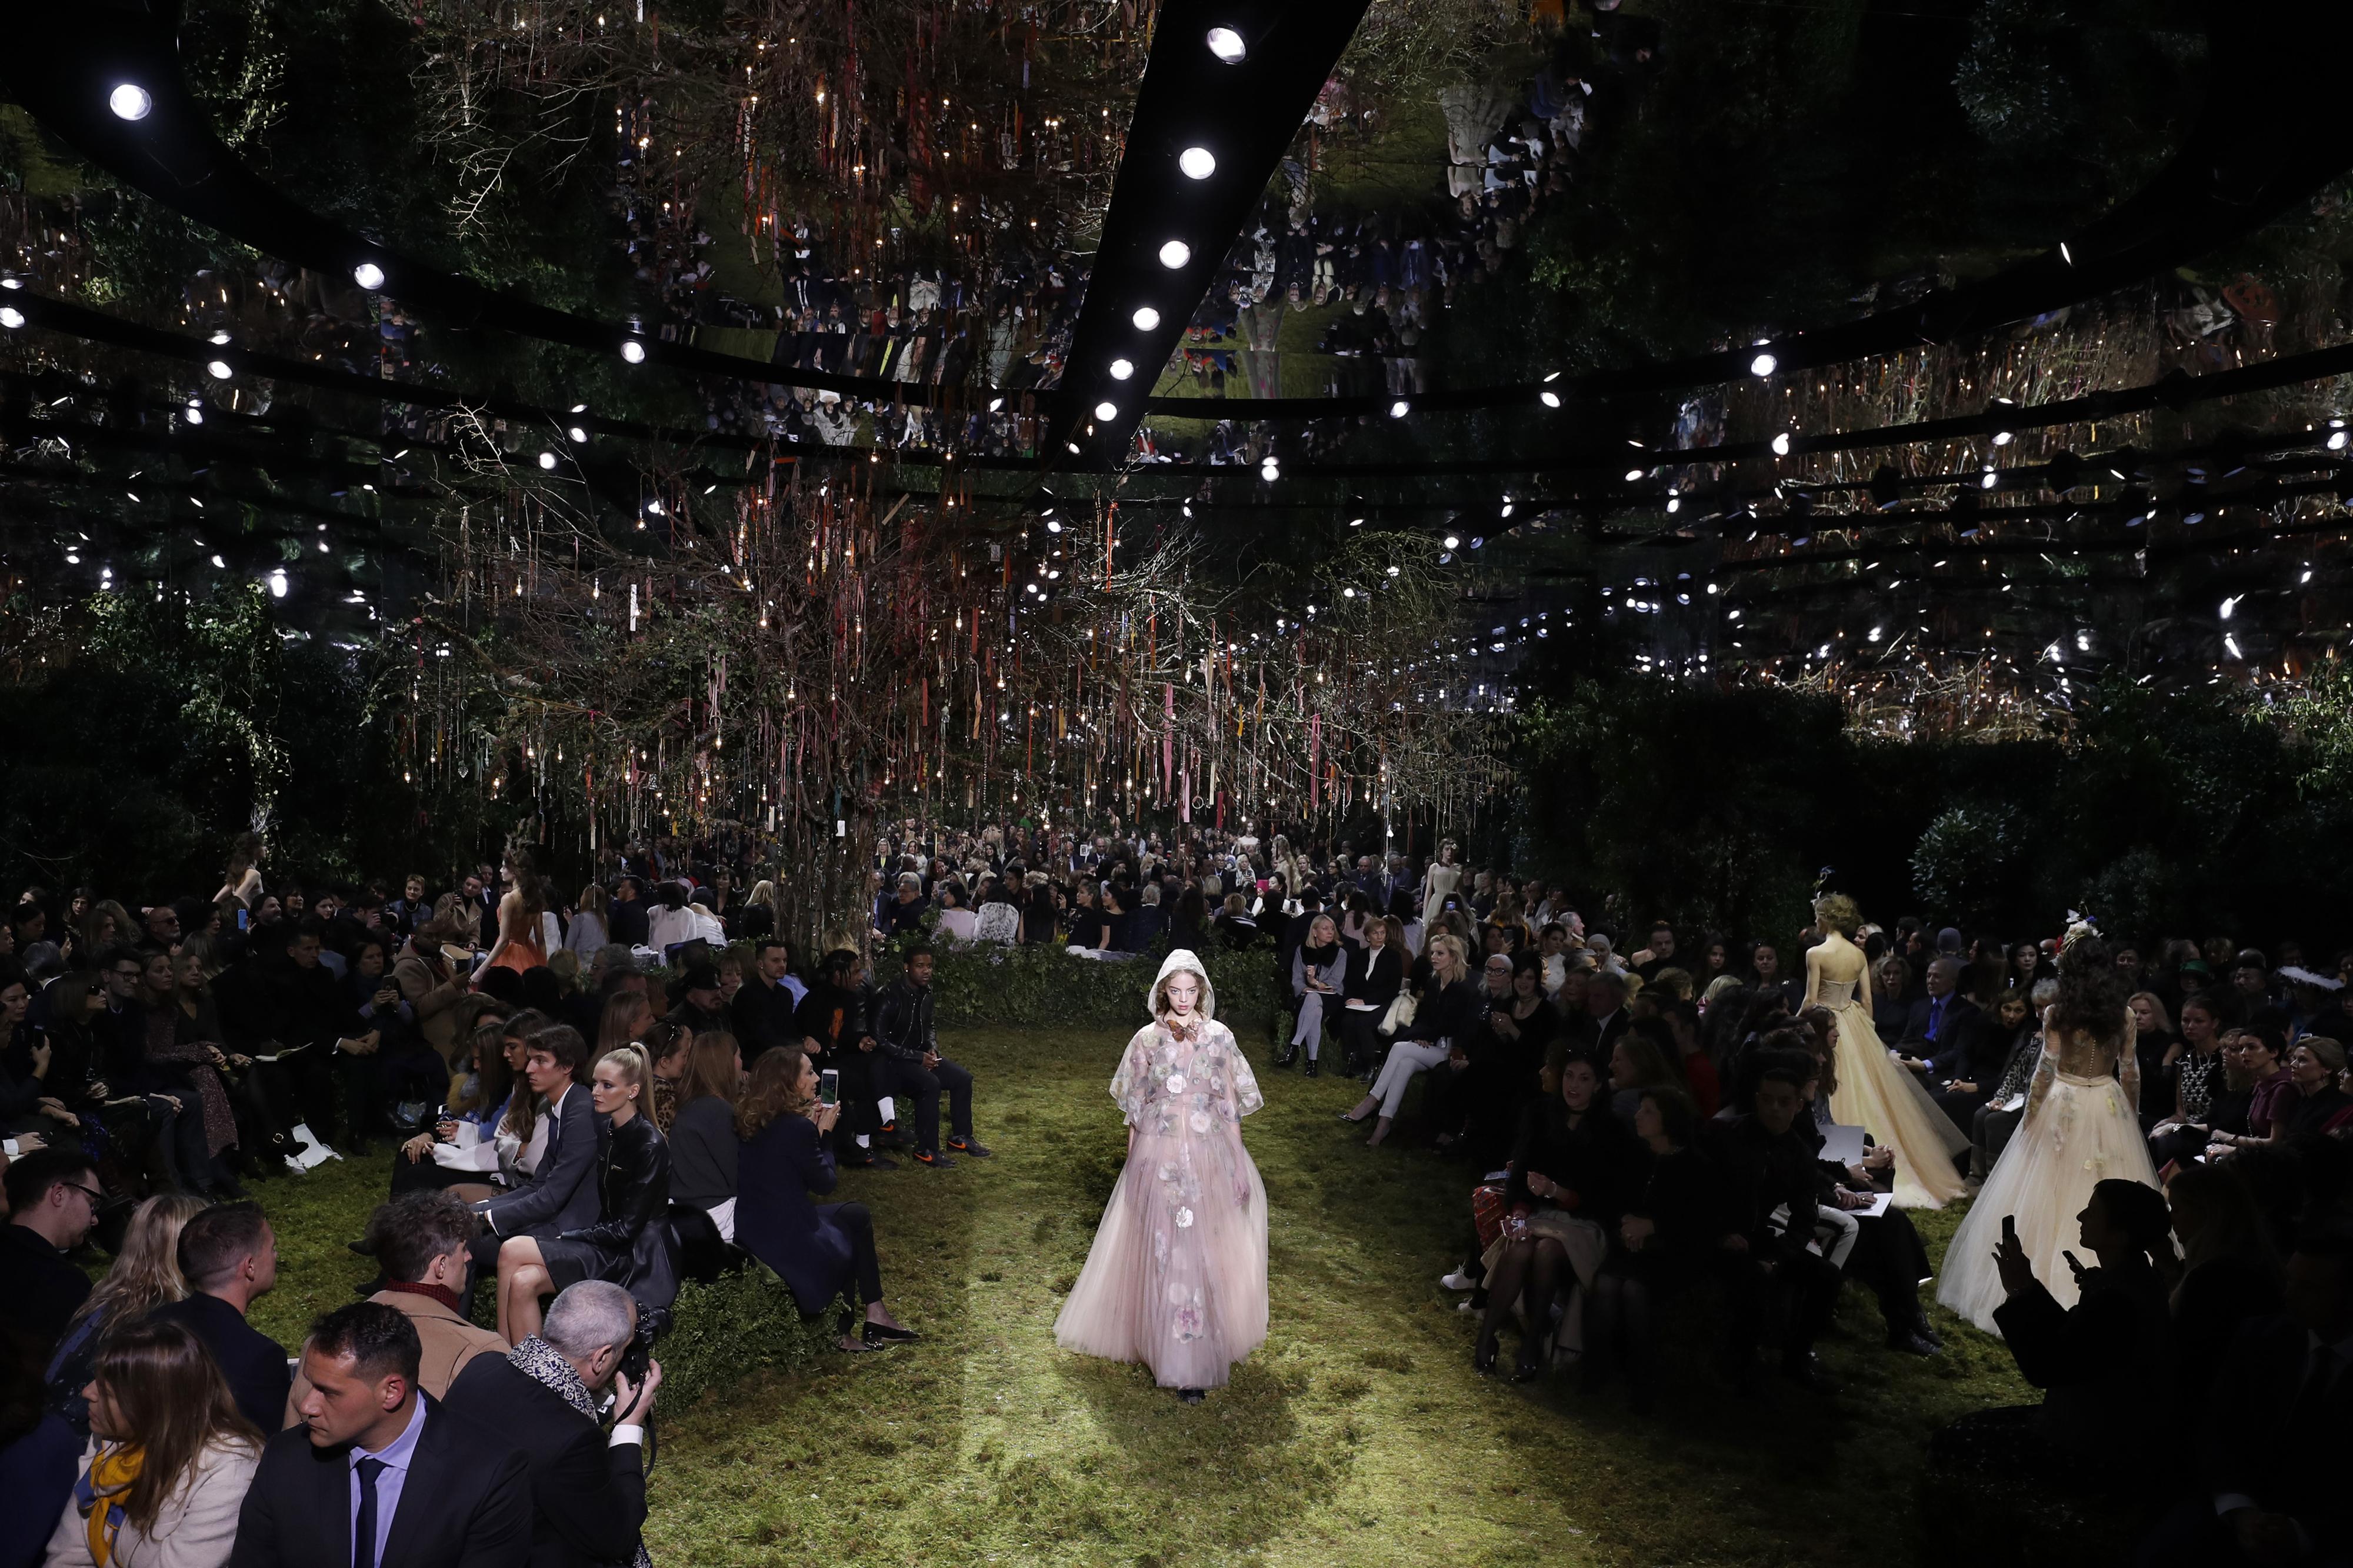 Dior apresenta desfile de conto de fadas na Semana de Alta Costura de Paris